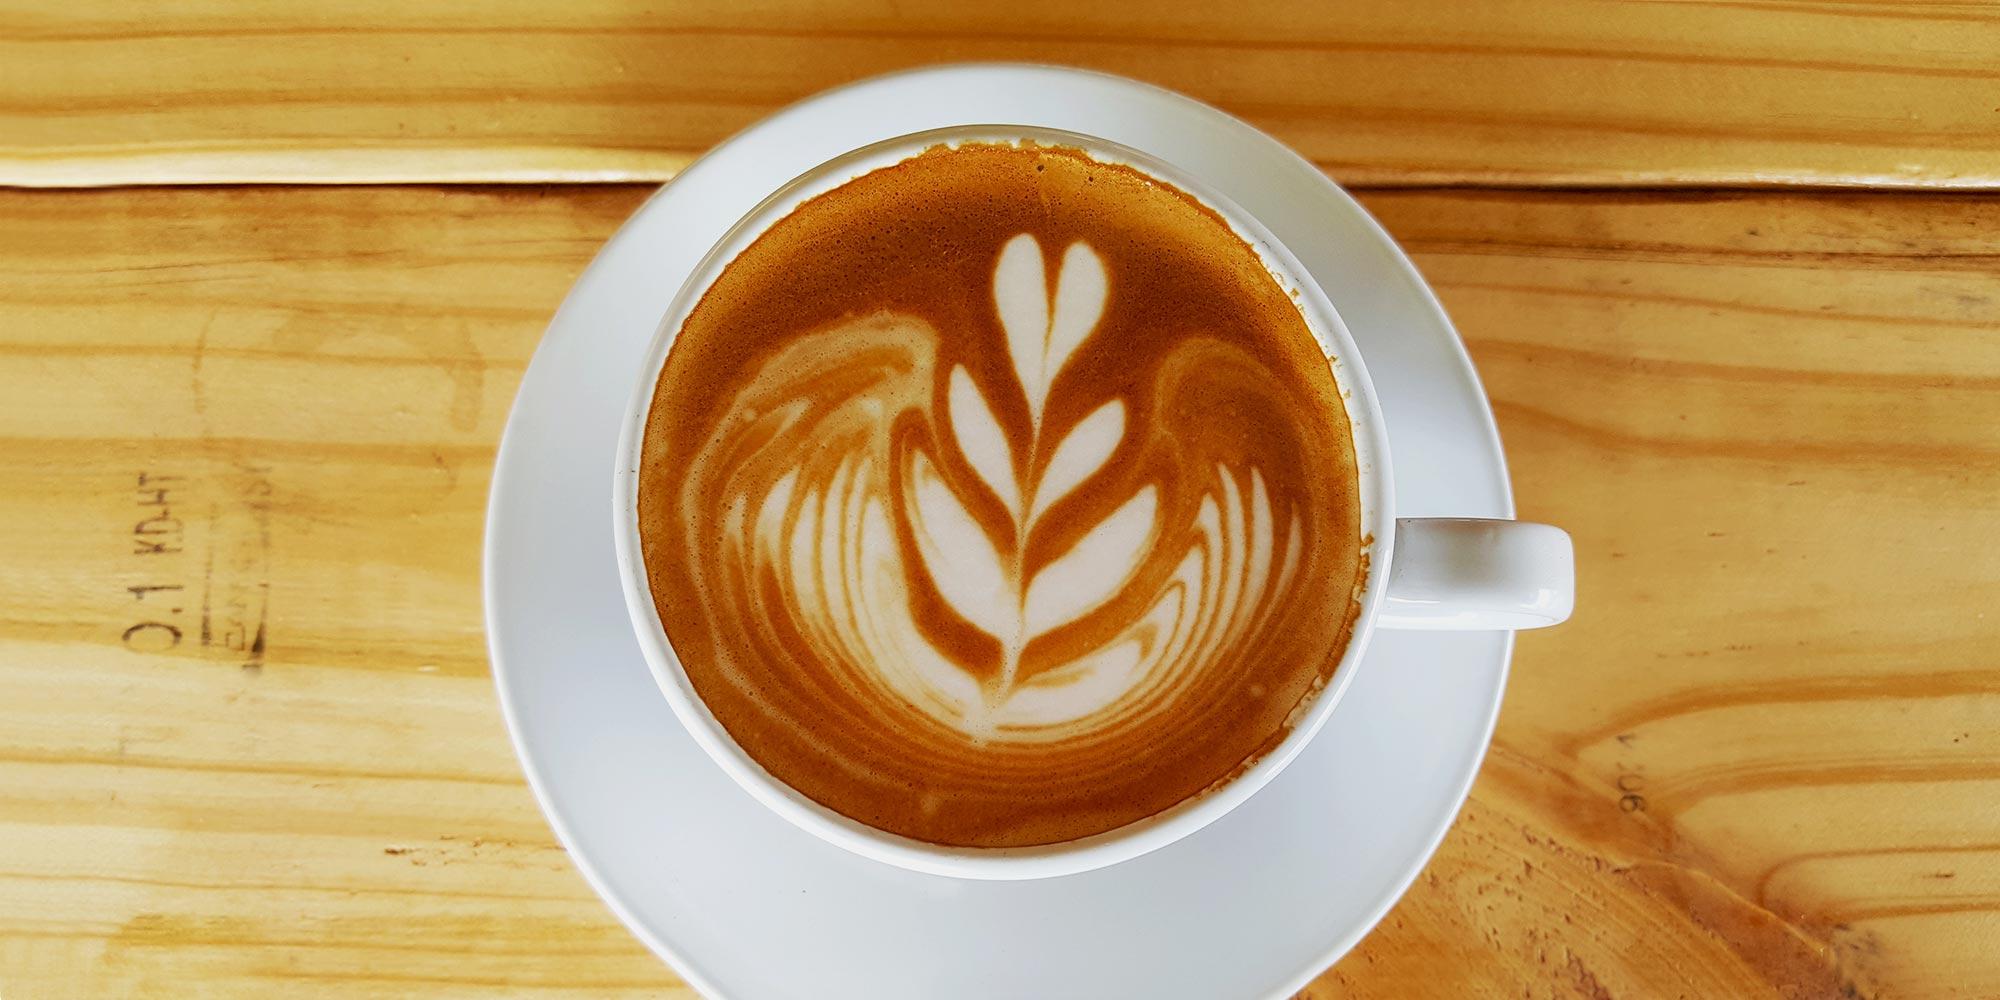 คอร์สสอนชงกาแฟ